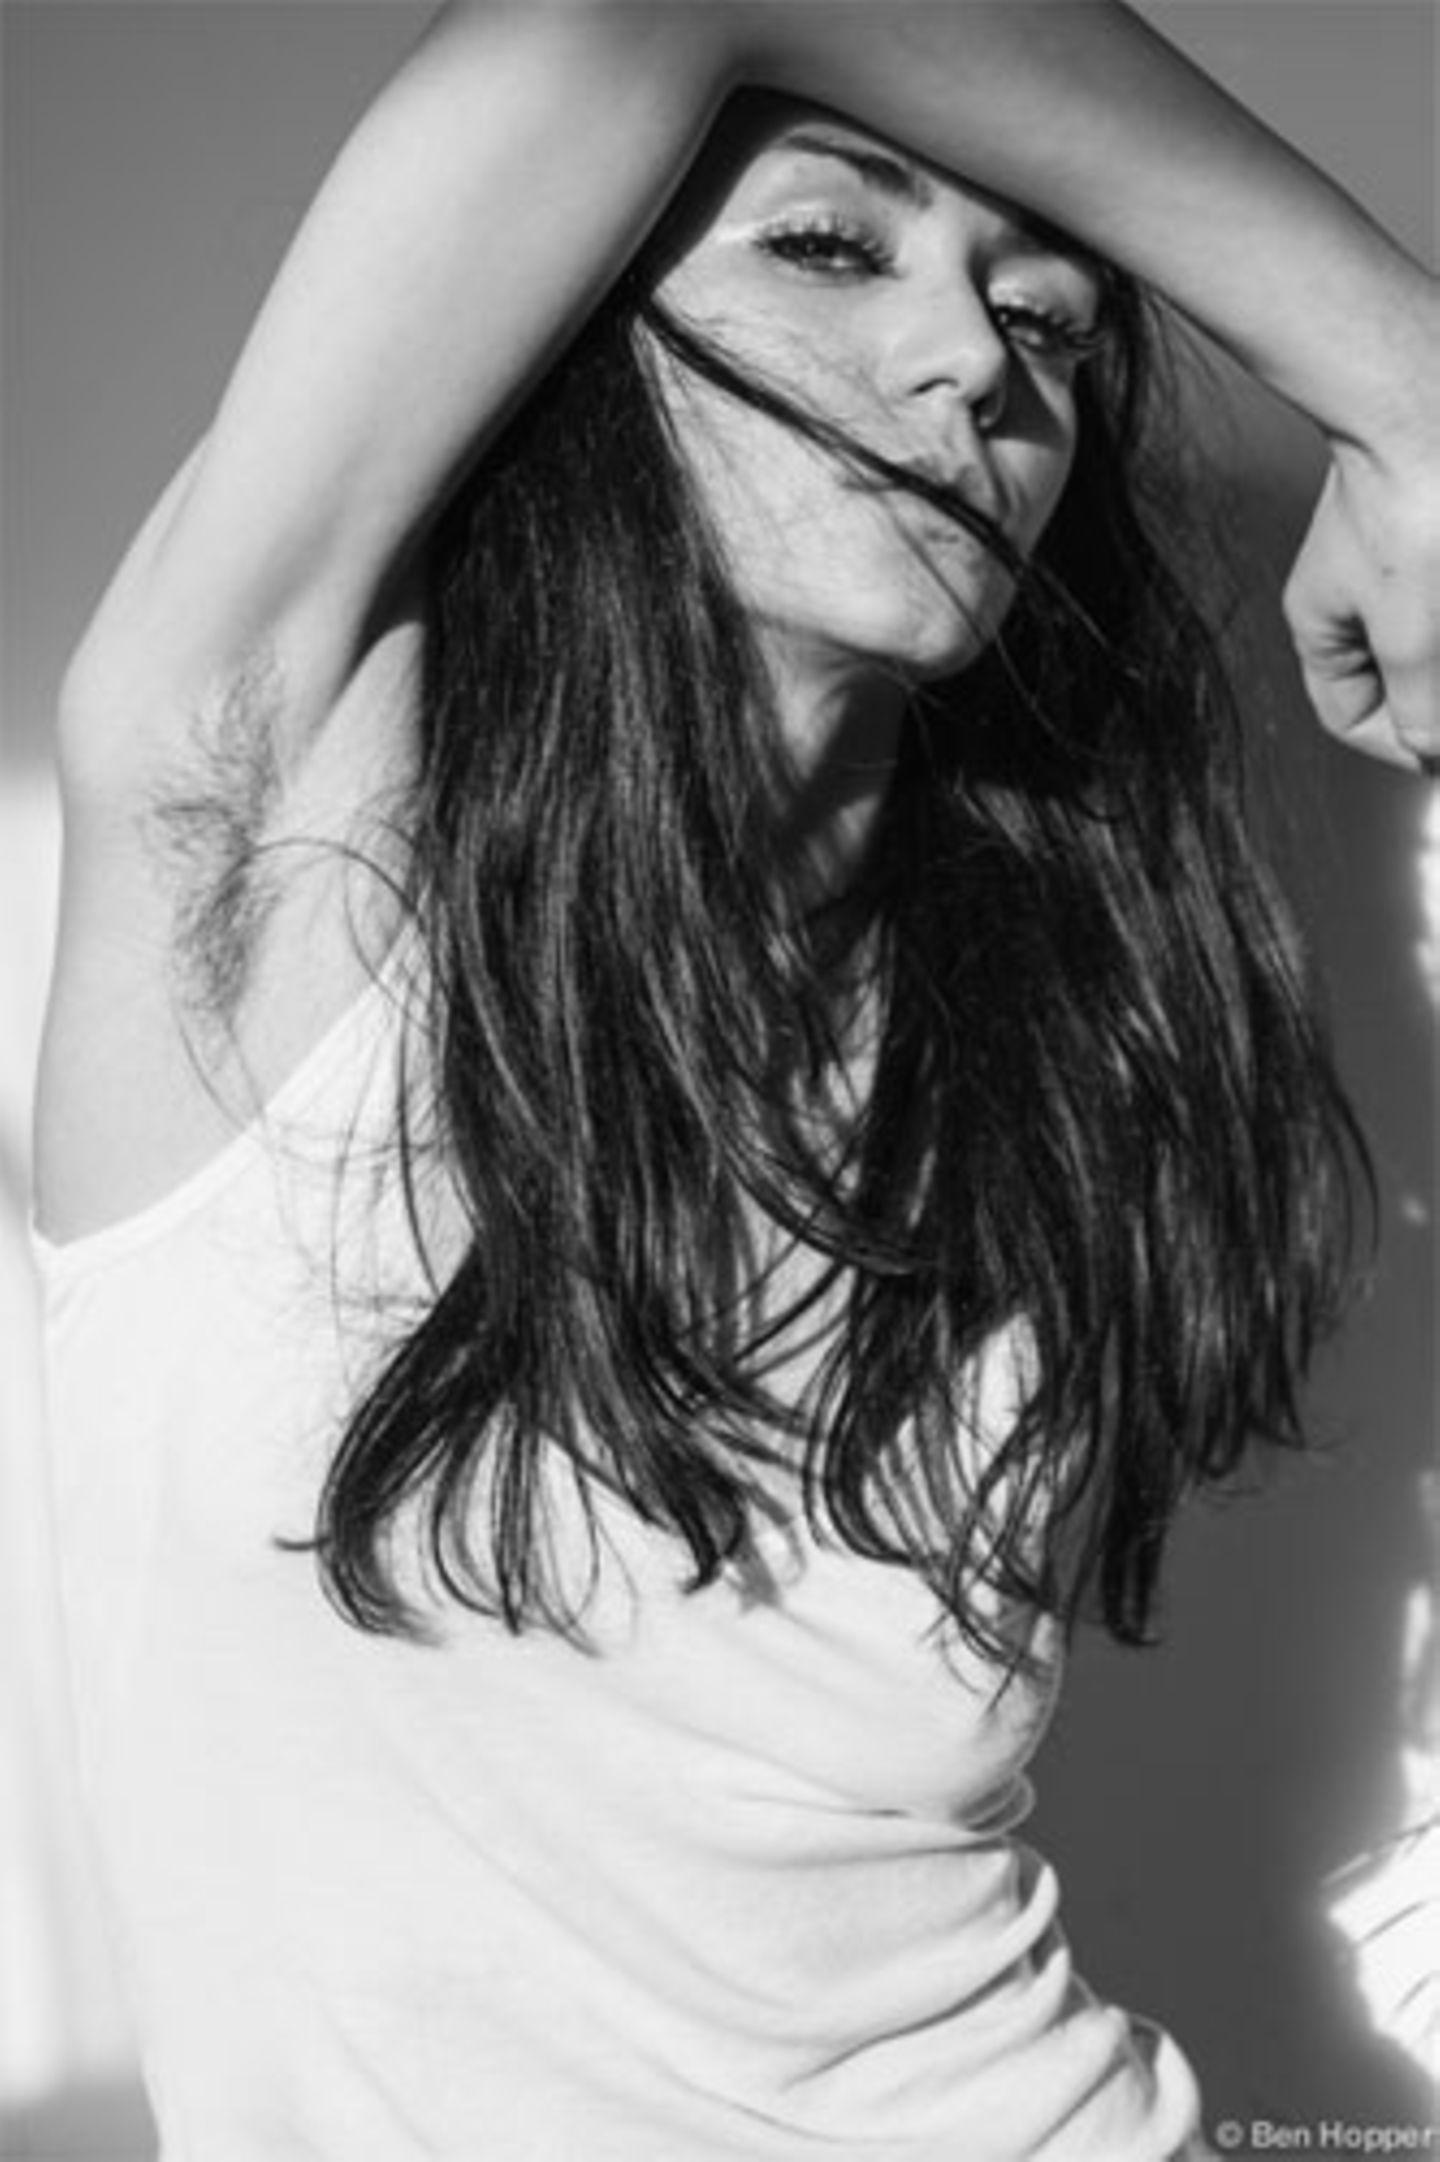 """Es lässt sich nicht abstreiten: Achselhaare bei einer Frau fallen auf. Warum? Weil man sie viel zu selten sieht. Die Schönheitsindustrie gibt seit Jahren vor, dass weibliche Achseln rasiert sein müssen. Gegen dieses Ideal geht der Fotograf Ben Hopper mit seinem Projekt """"Natural Beauty"""" an - indem er schöne Frauen mit Achselhaaren zeigt."""